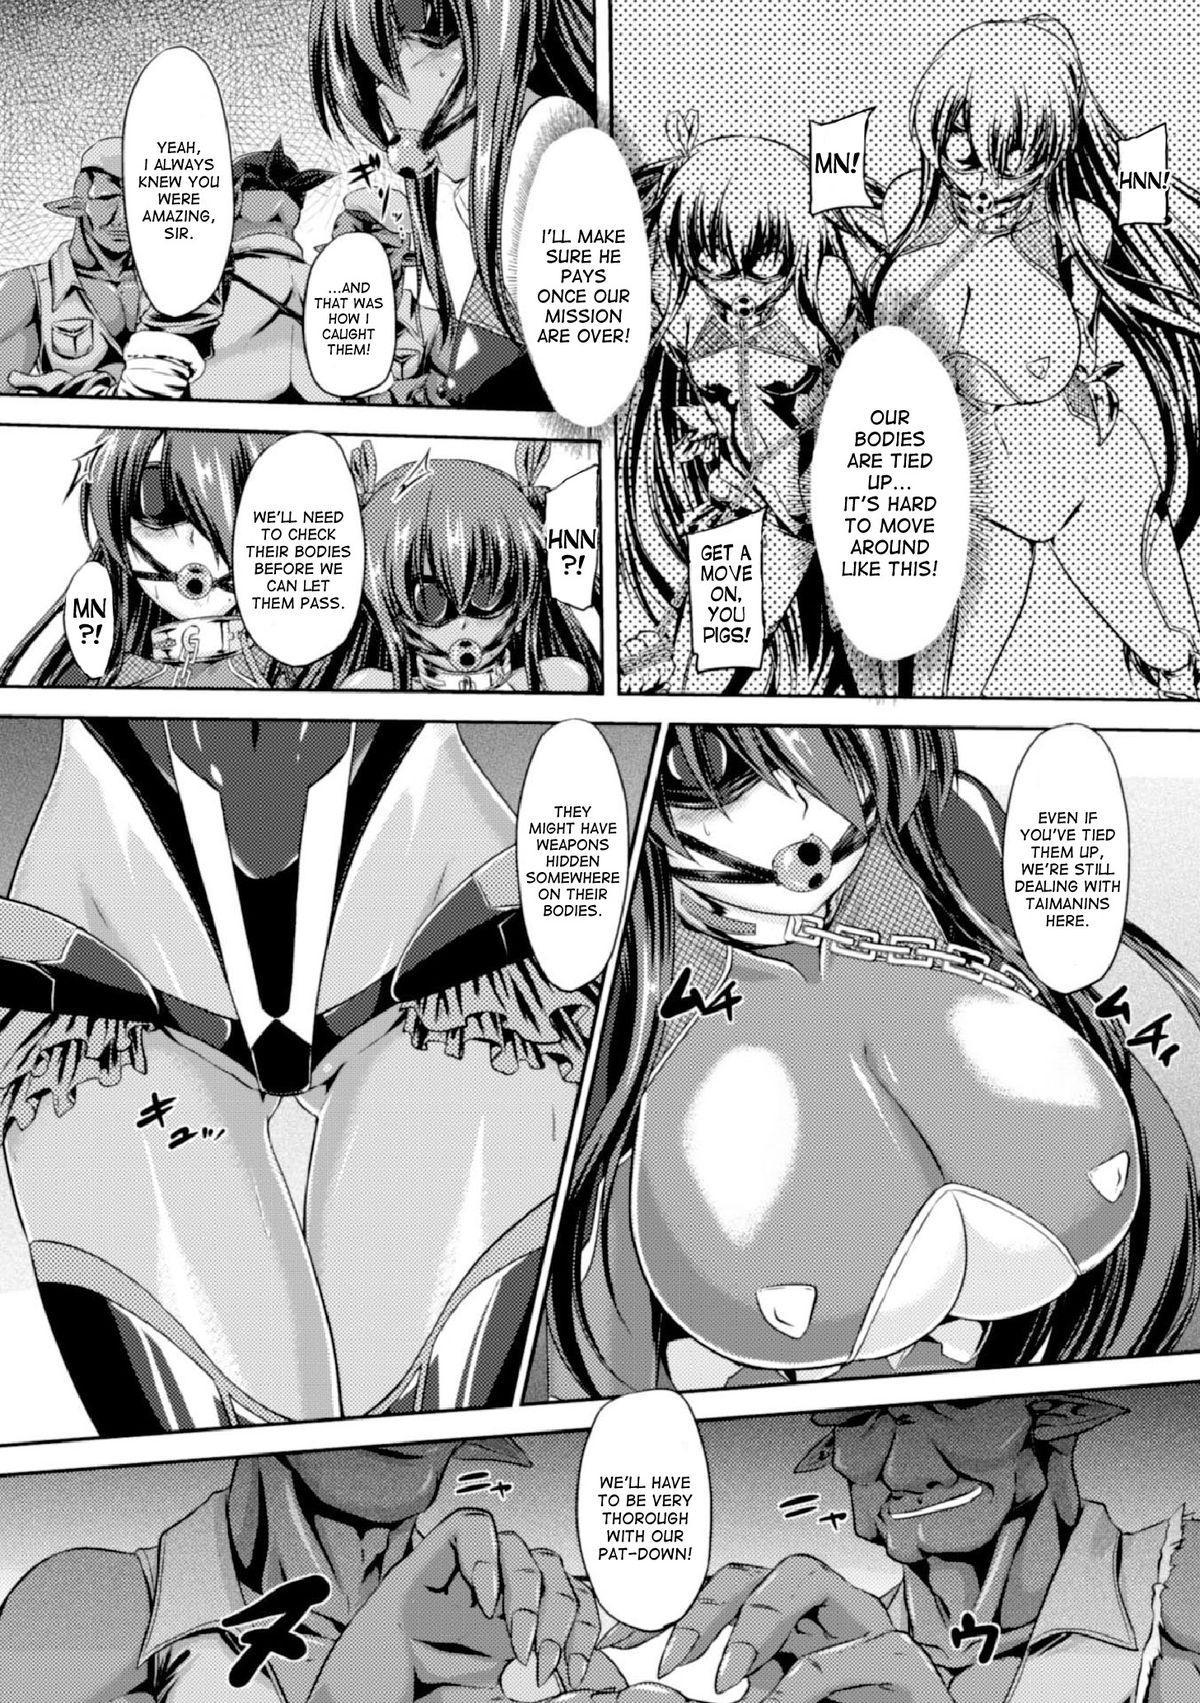 [Gonzaburo-] Taimanin Yukikaze - Taimanin wa Ingoku ni Shizumu #1-6 | Taimanin Yukikaze - Taimanin's fall into the lewd hell #1-5 [English] [desudesu] [Digital] 4